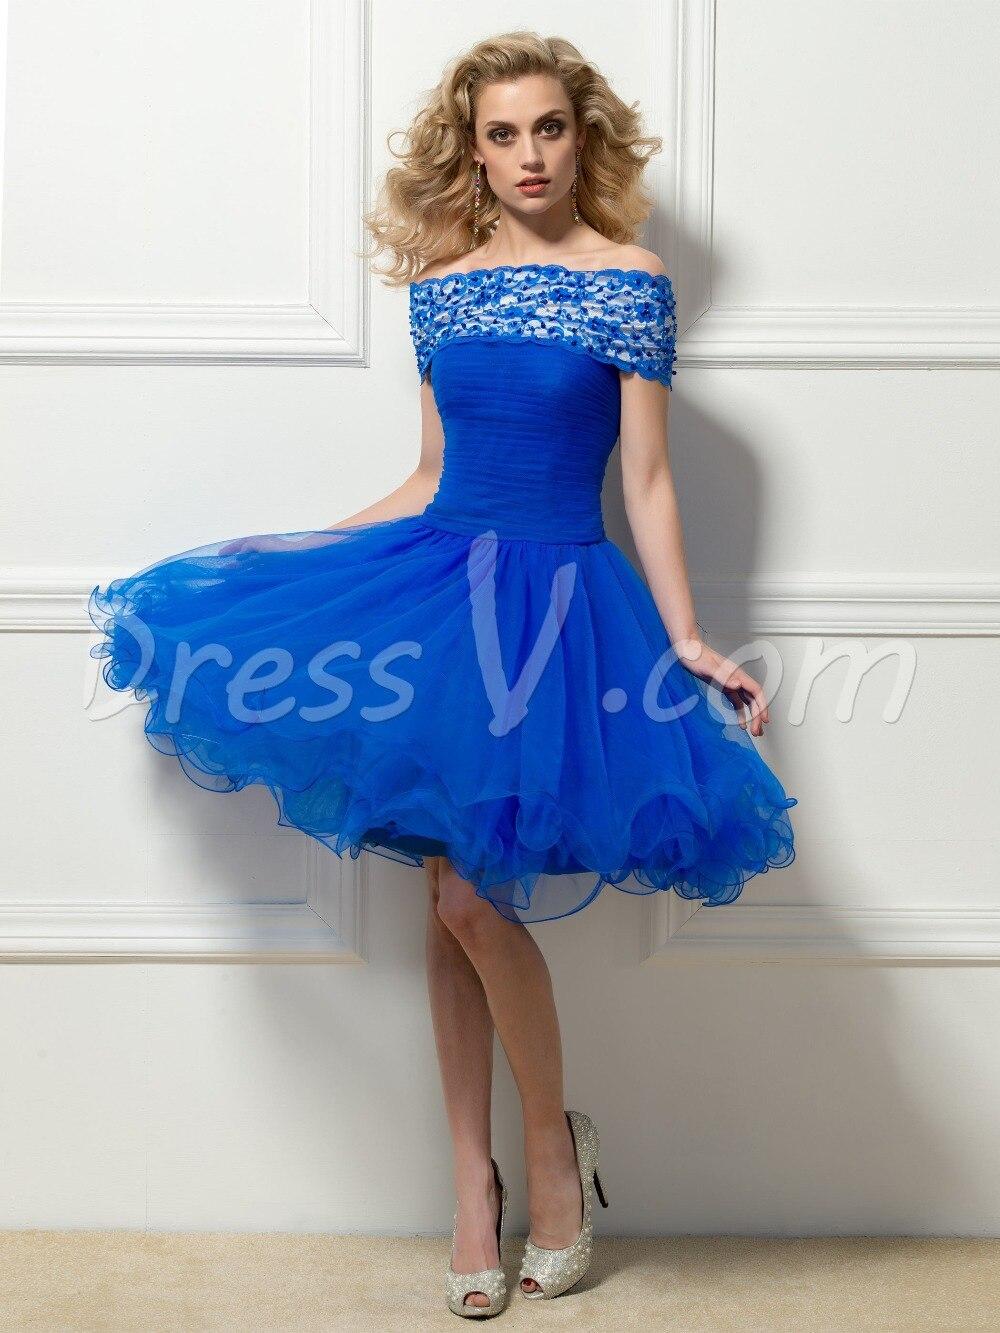 Romantic Short Cocktail Dresses 2015 Royal Blue Lace Off the ...